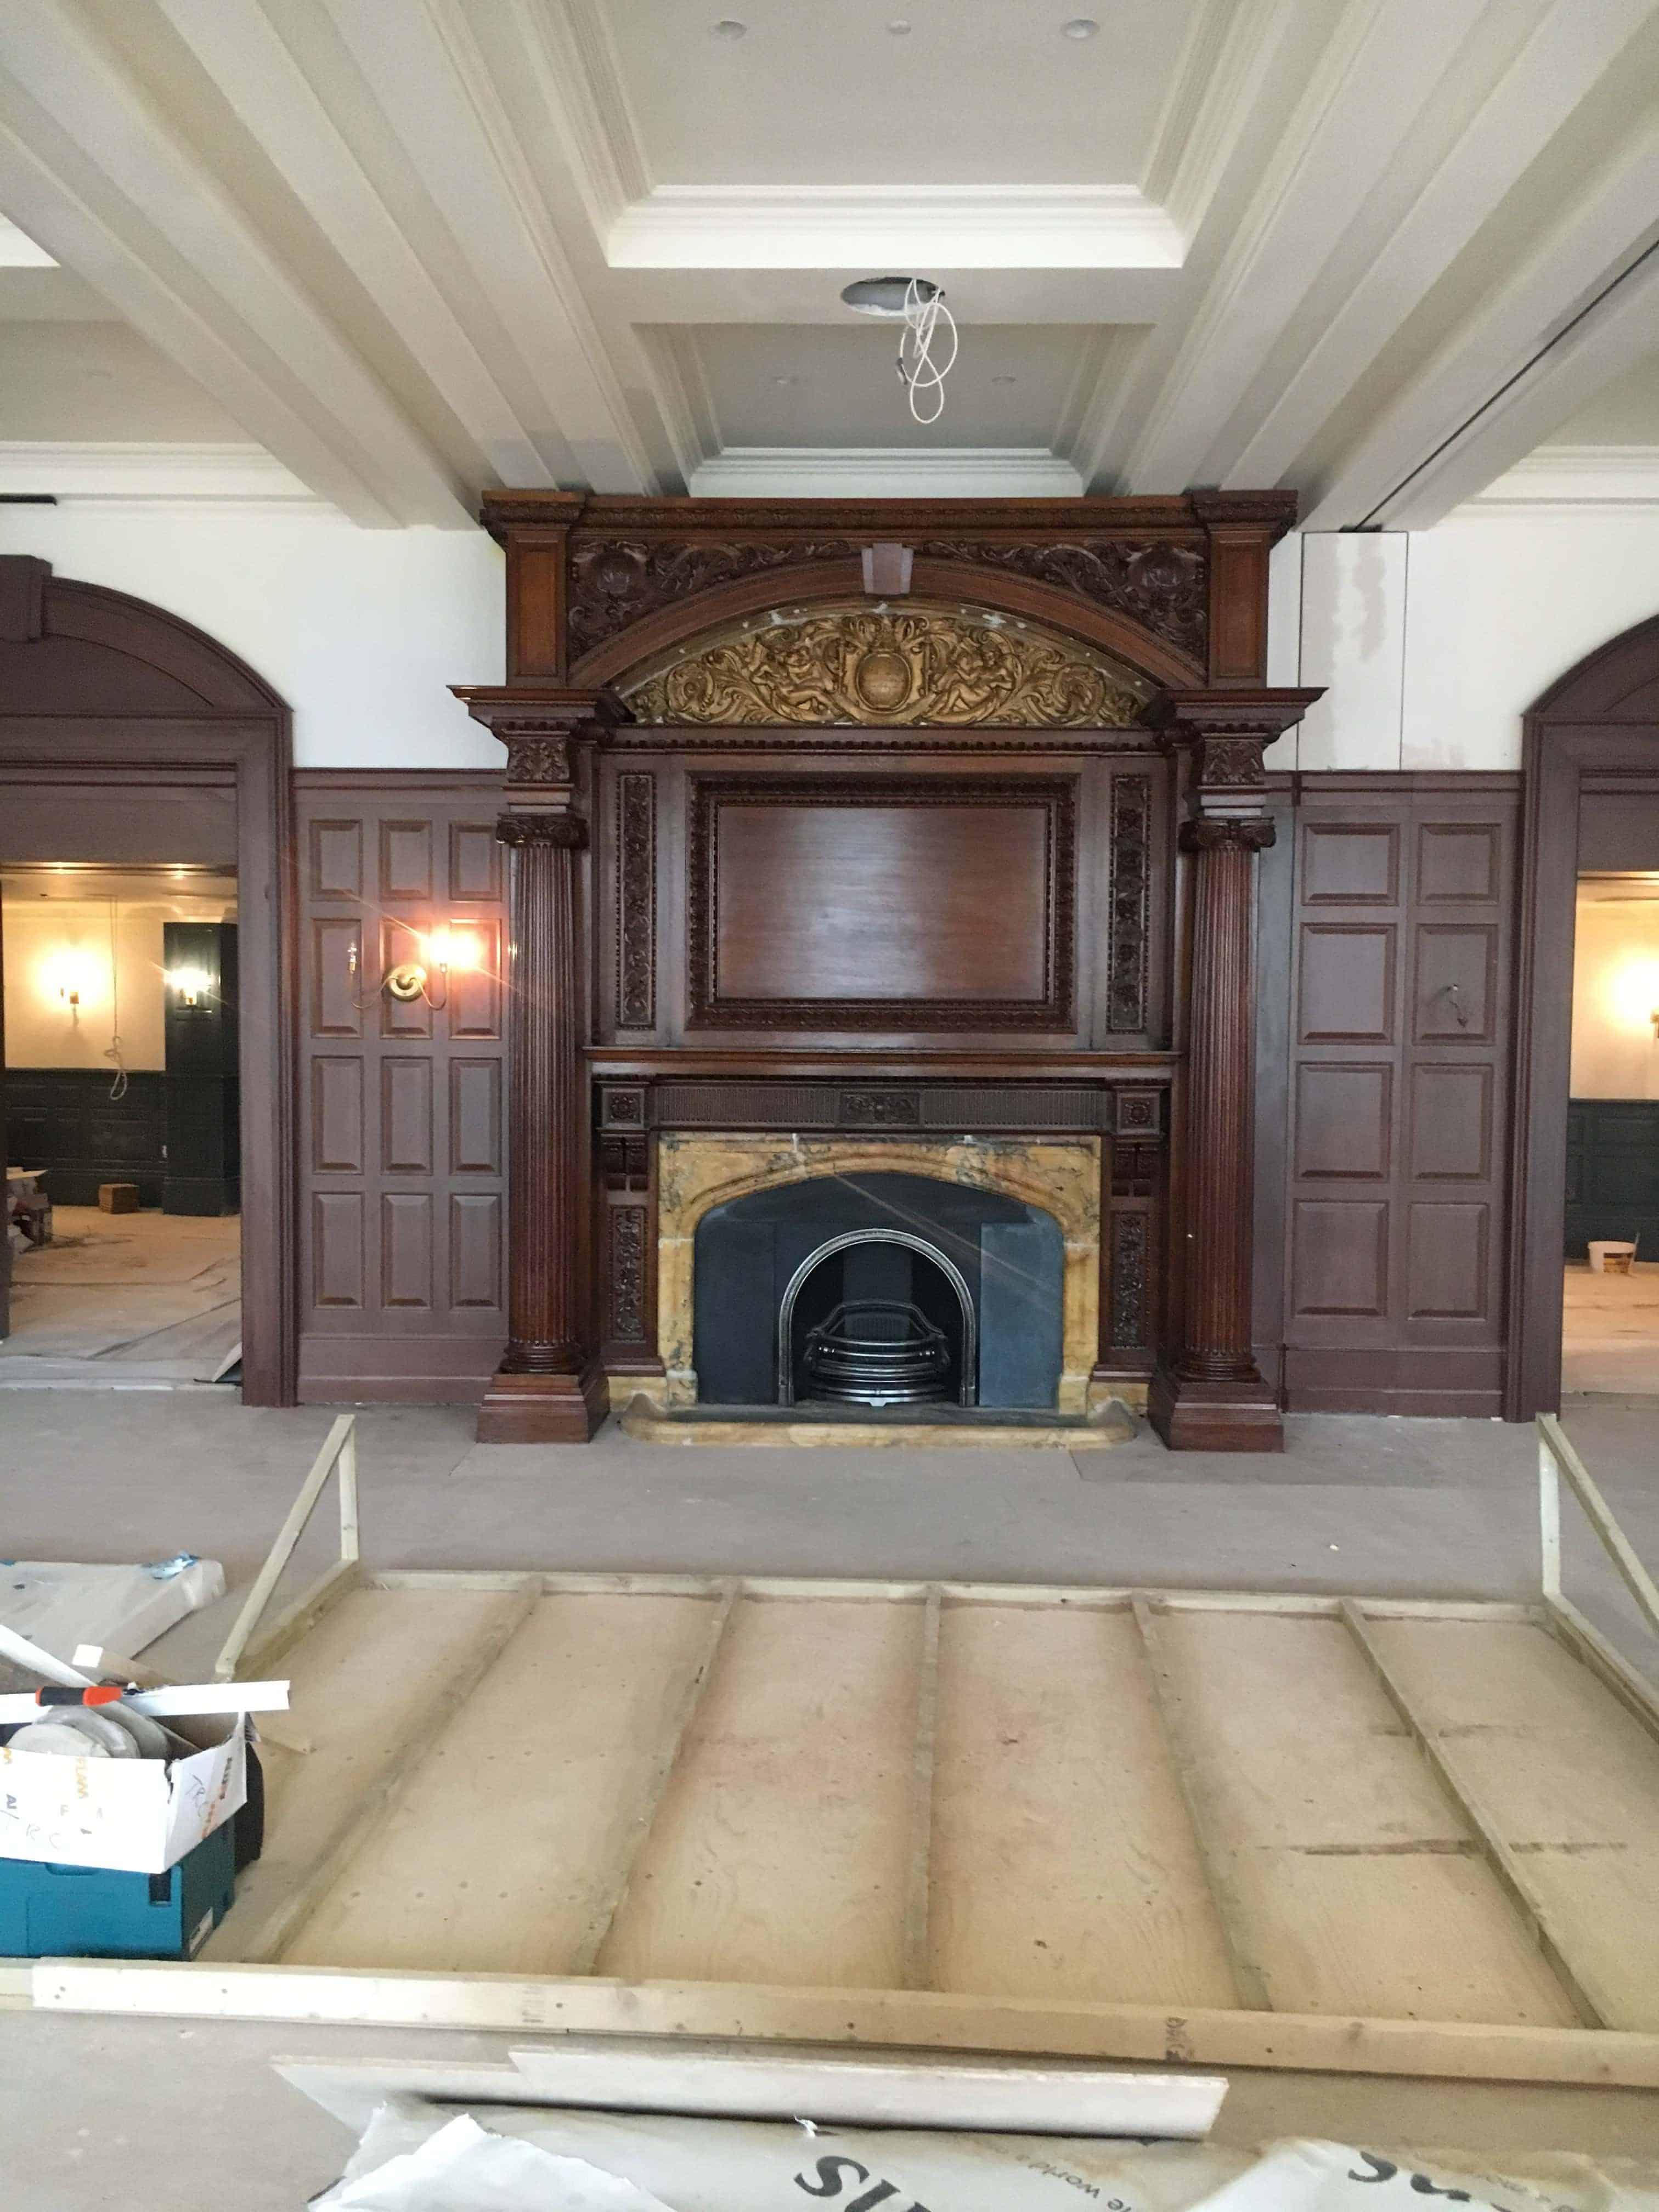 University Arms Hotel fireplace restoration